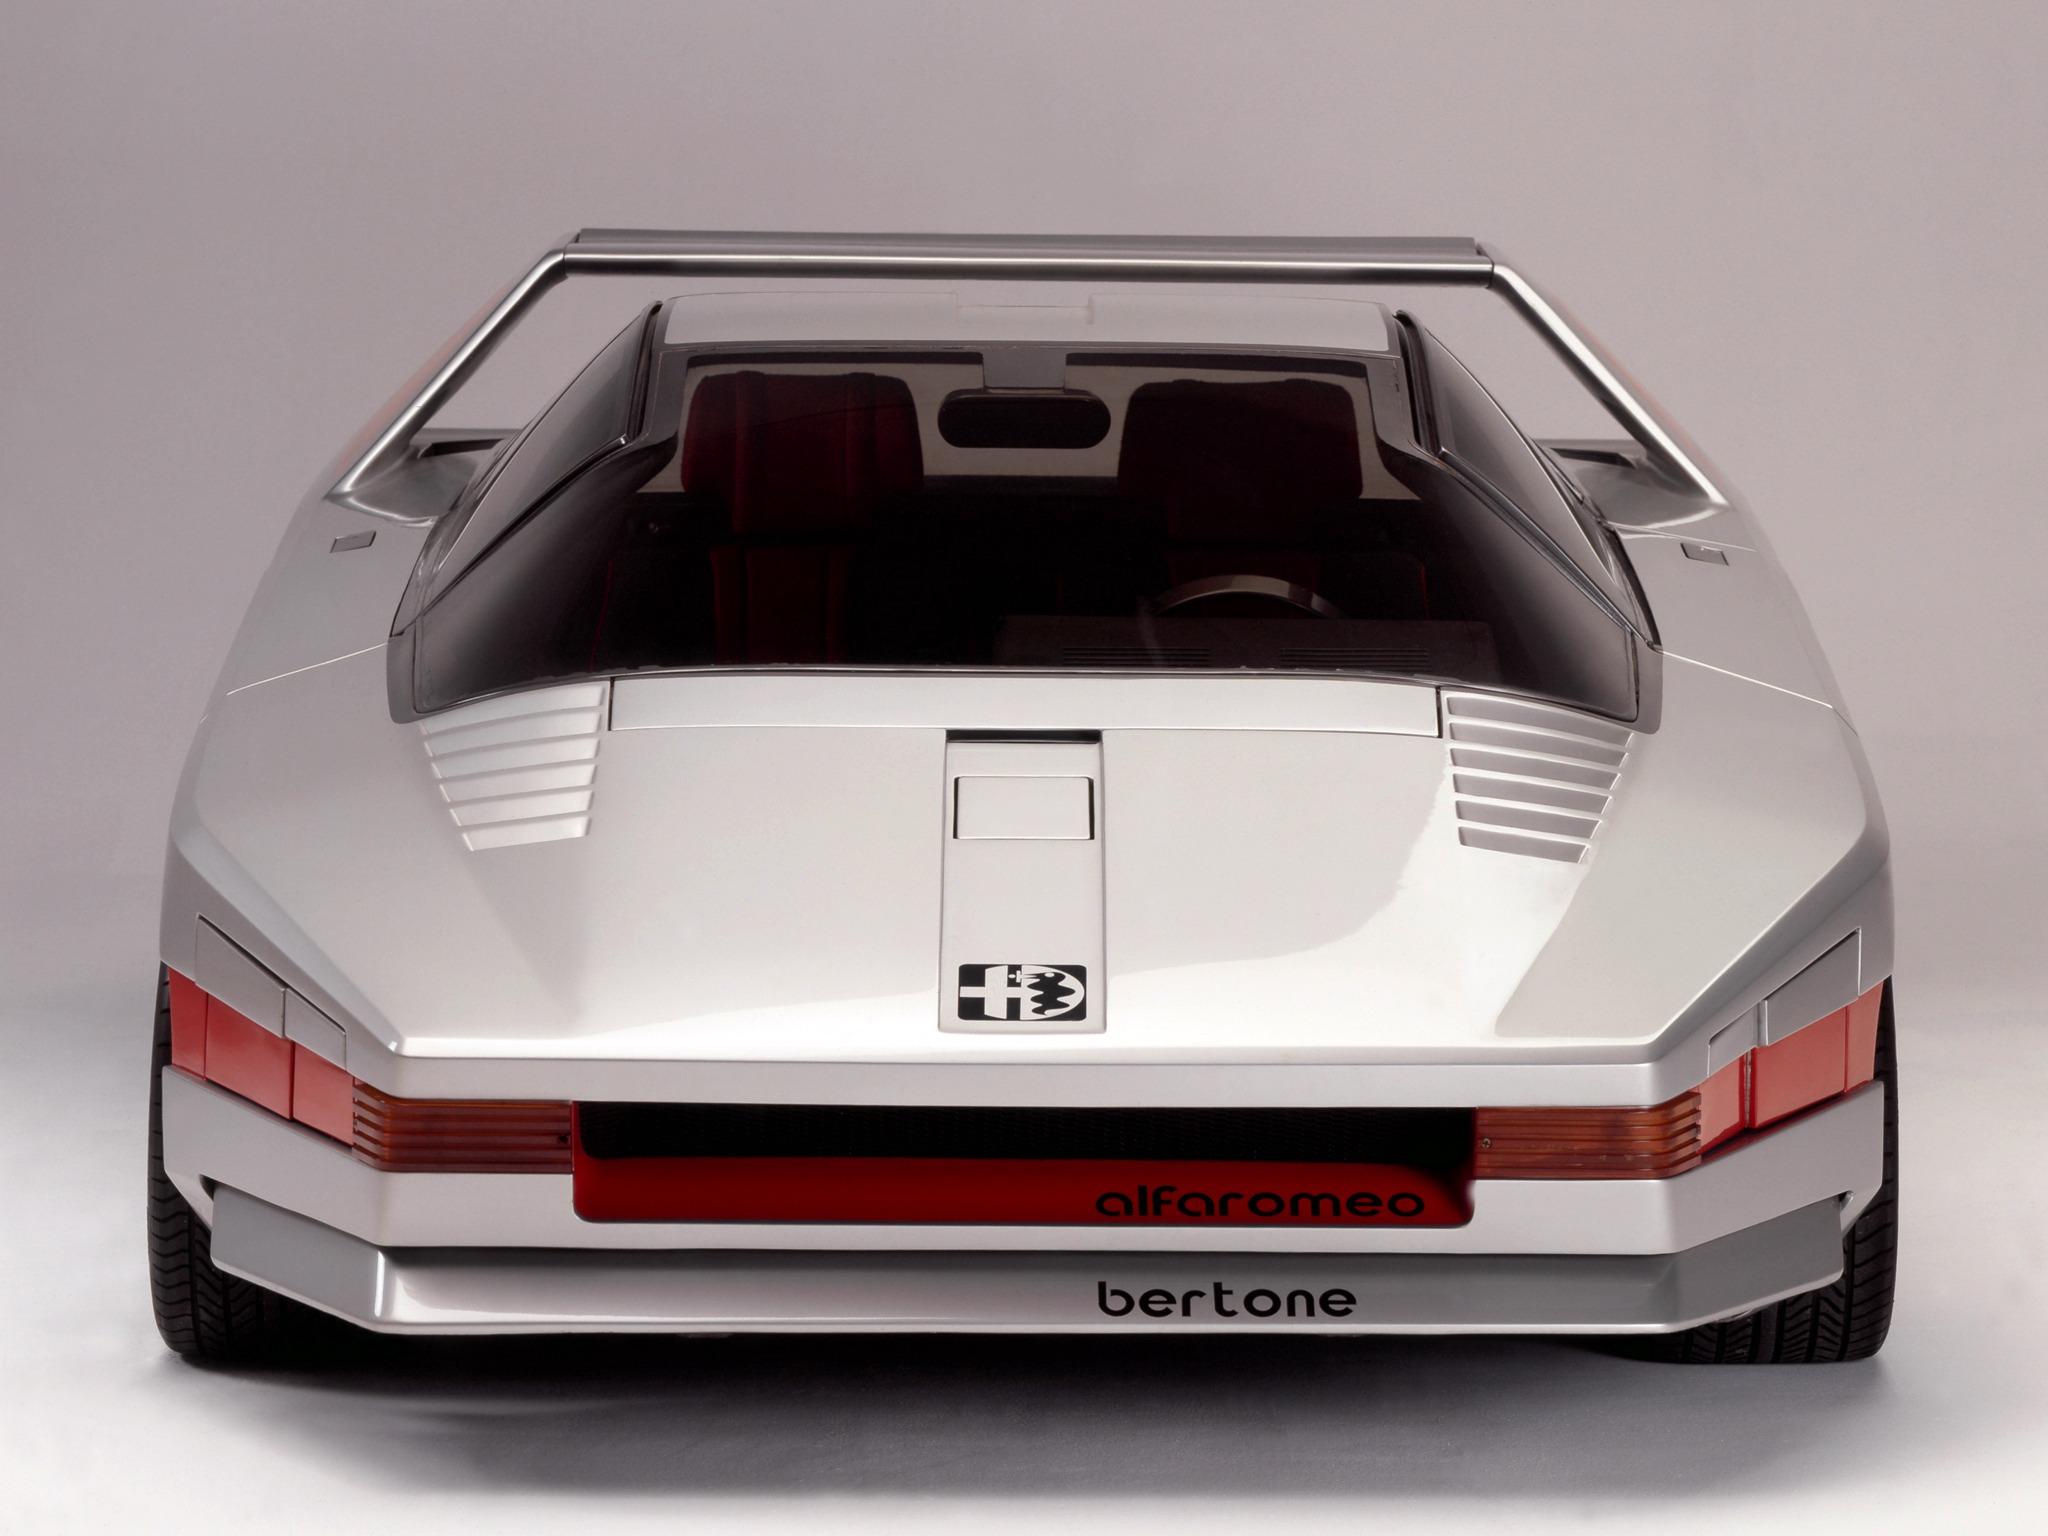 1976-Bertone-Alfa-Romeo-Navajo-03